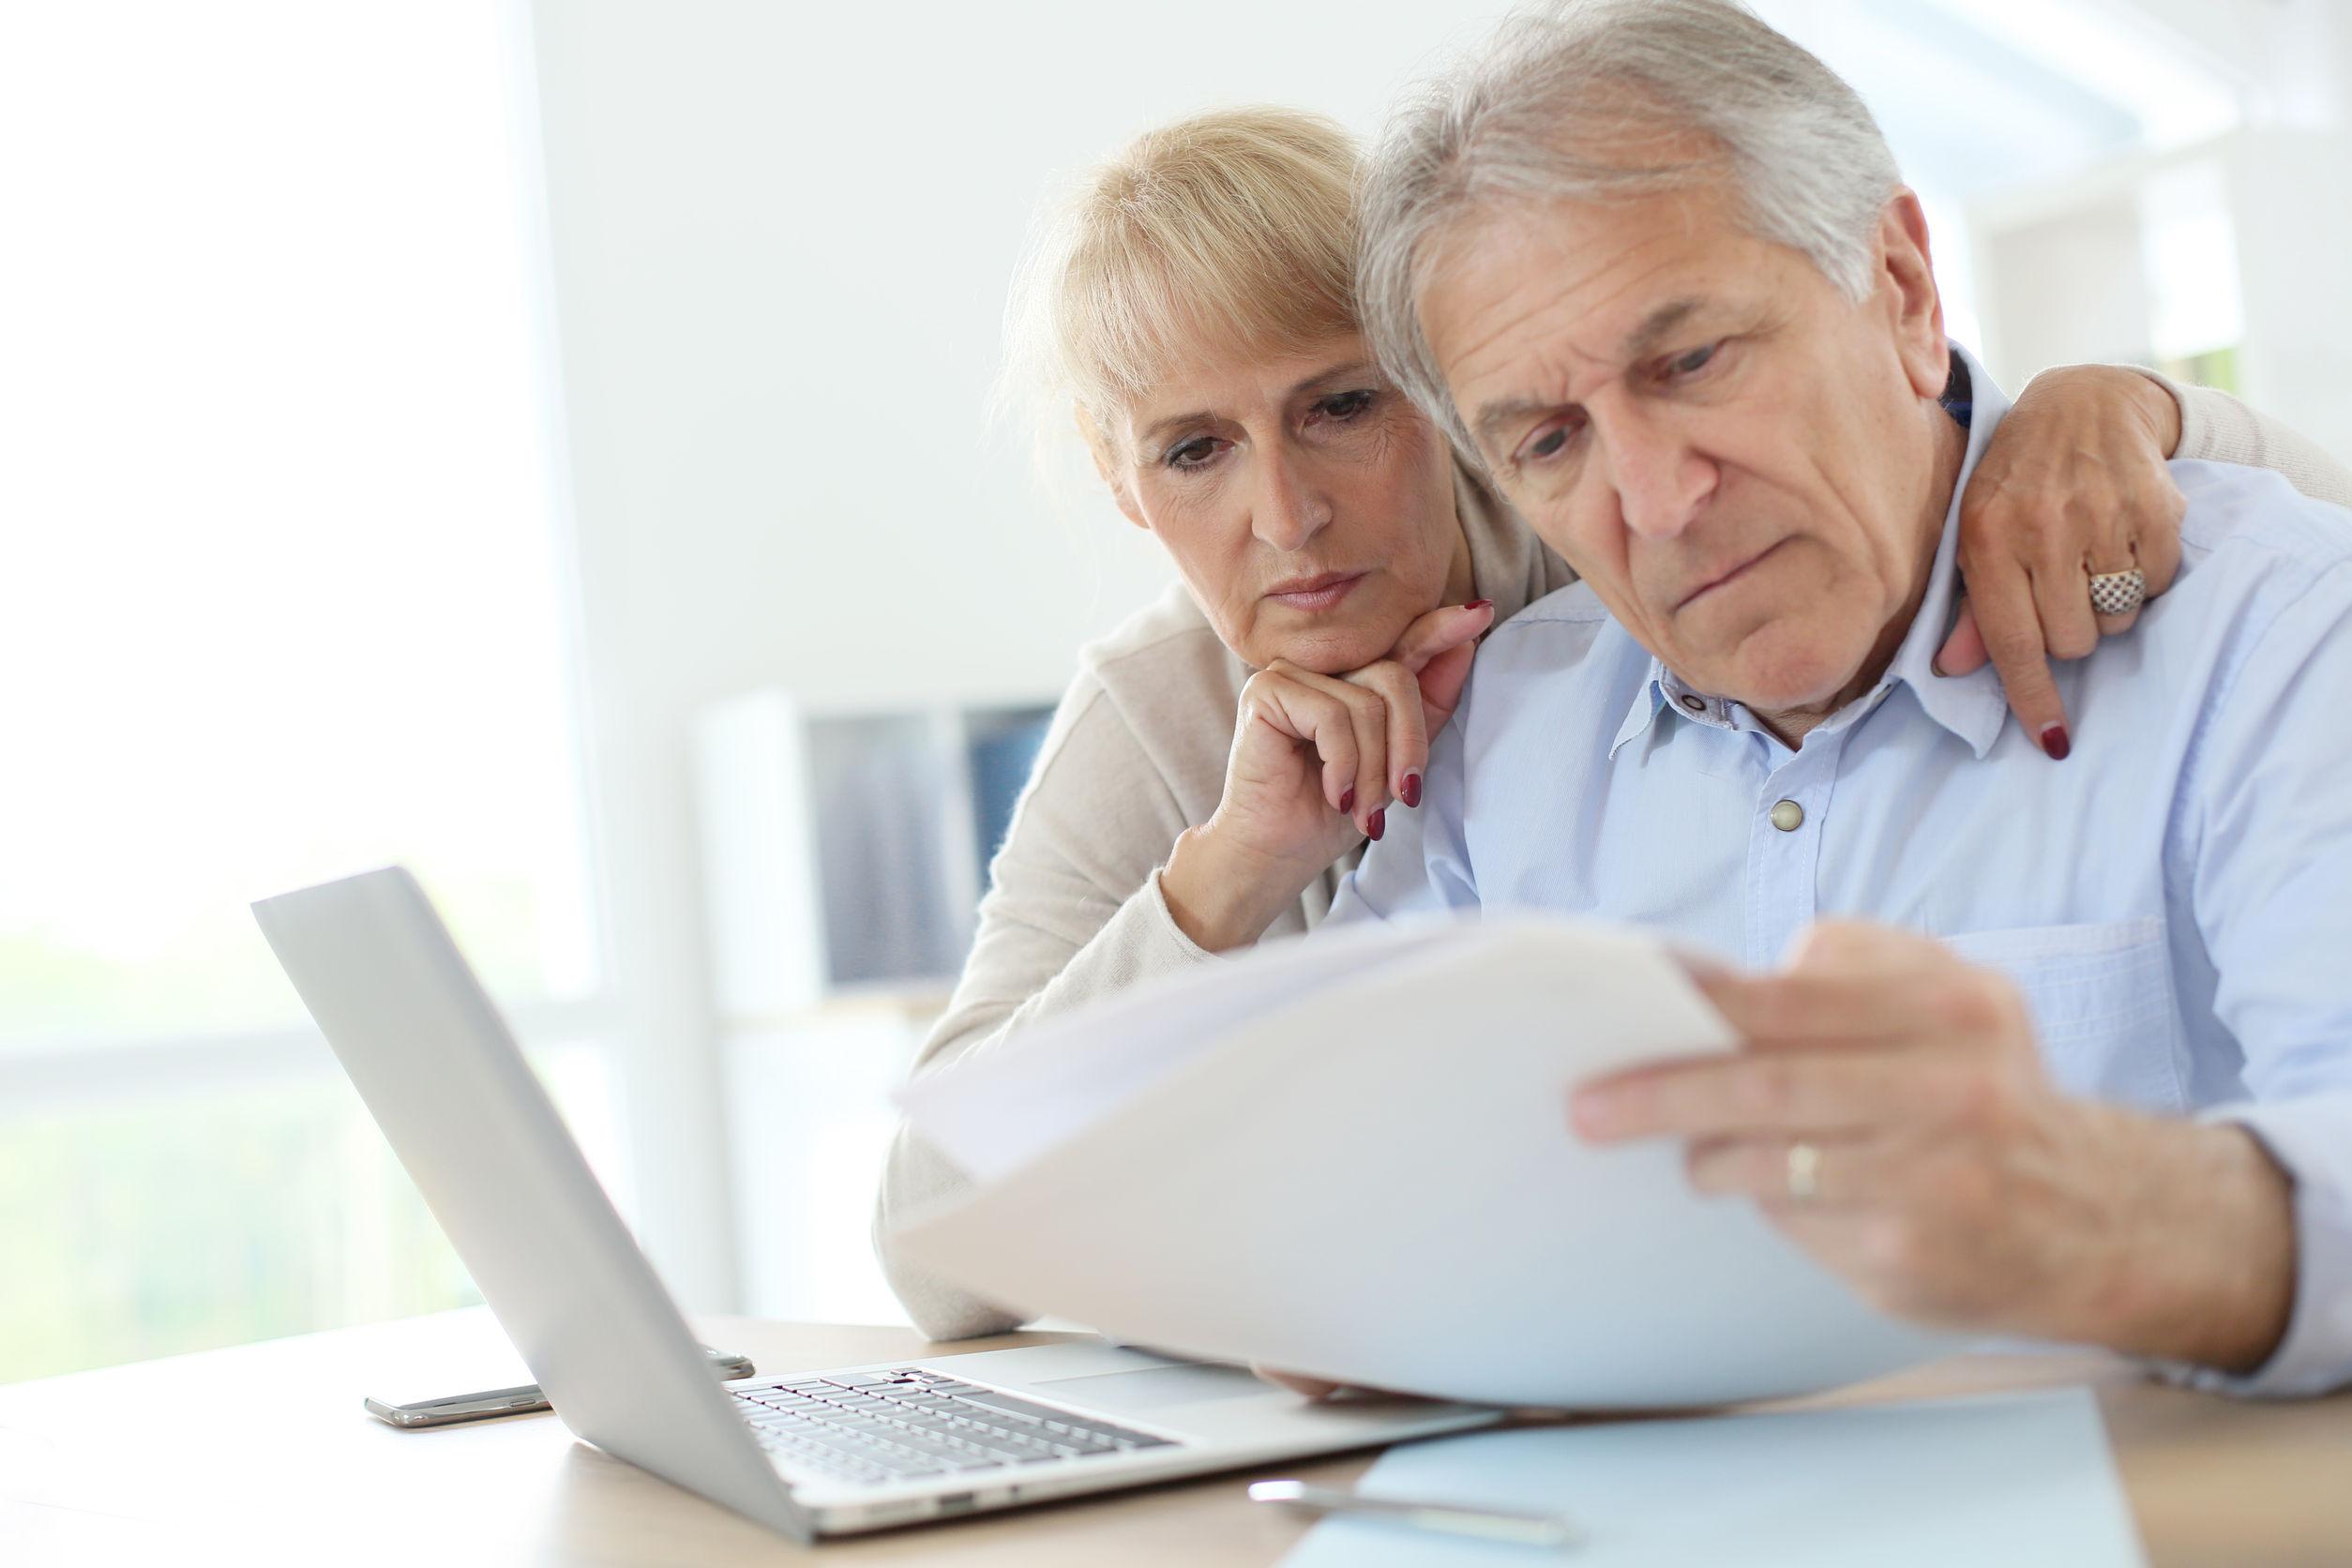 Requisitos de la jubilación activa: atención a la letra pequeña | Sala de prensa Grupo Asesor ADADE y E-Consulting Global Group